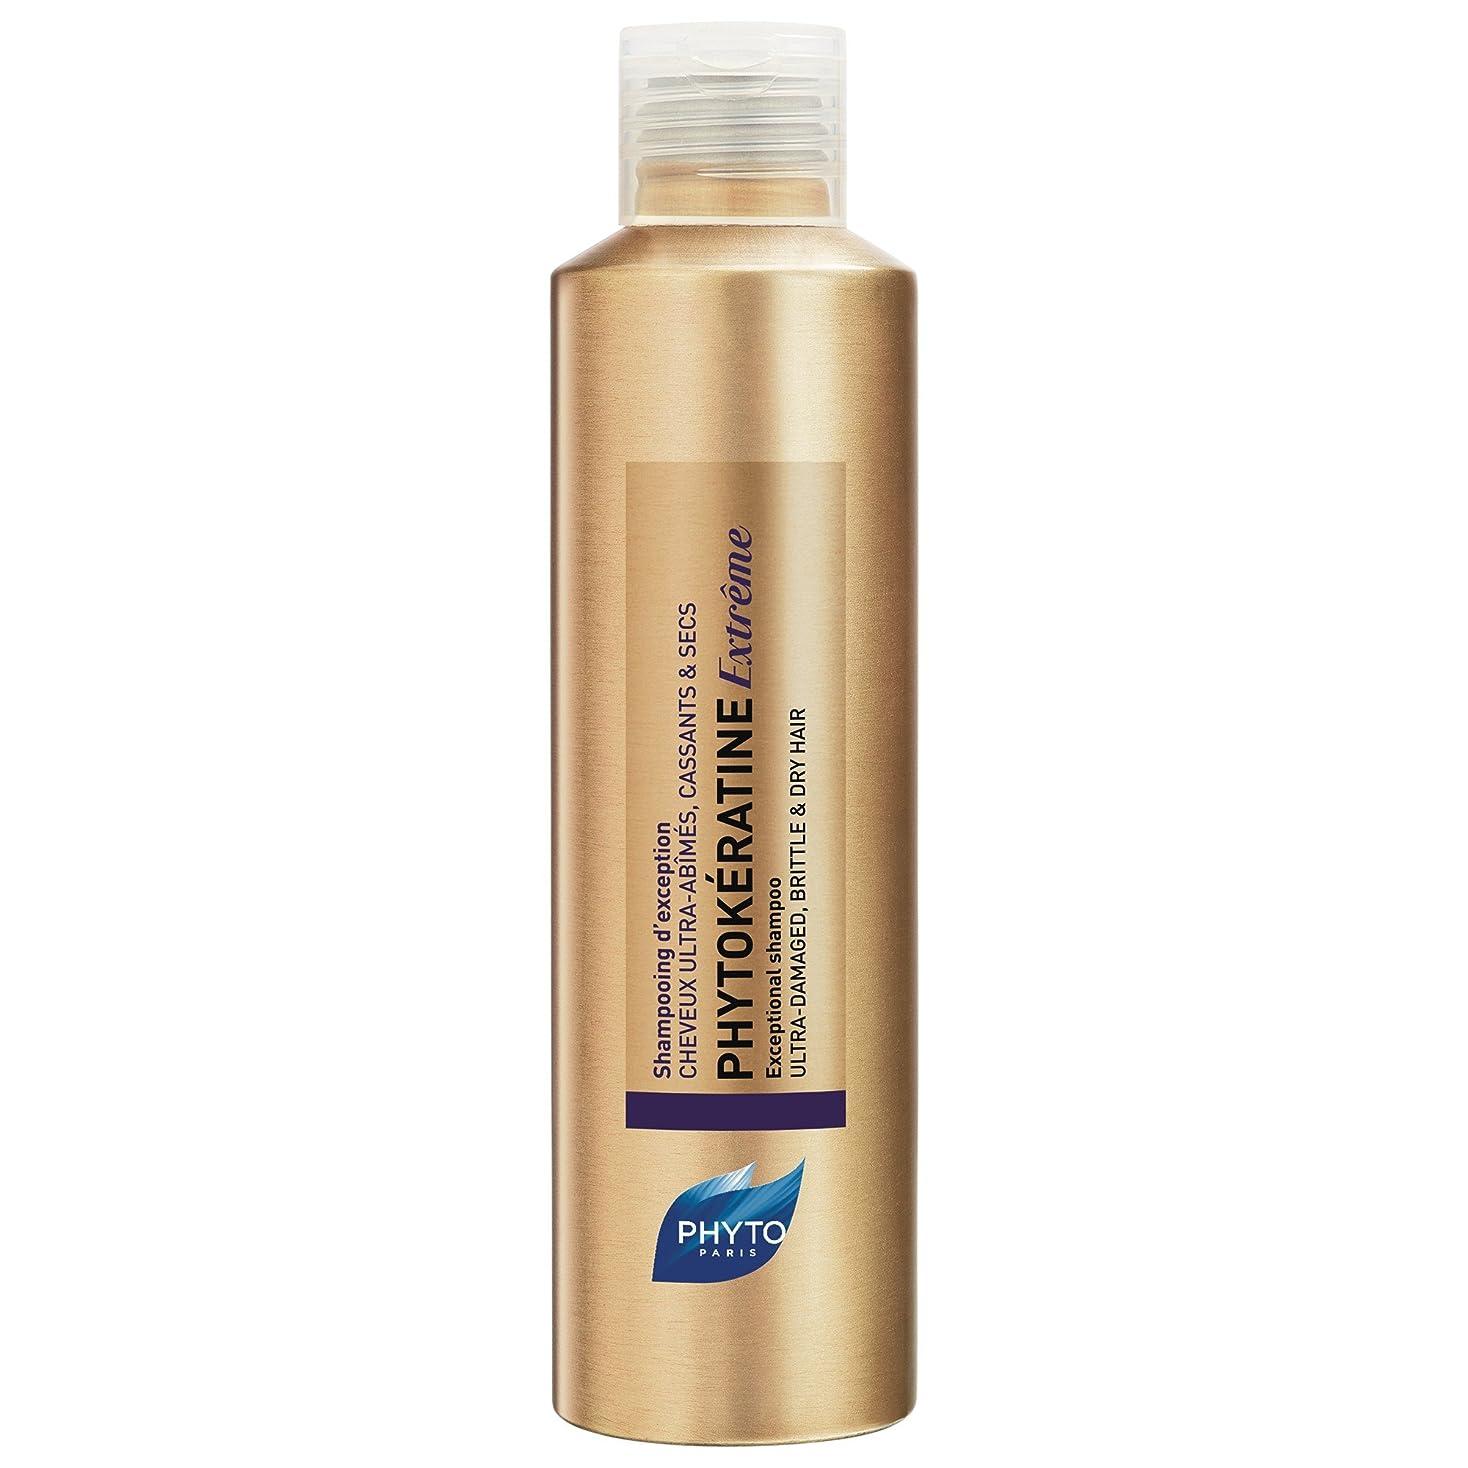 捕虜批評誰かフィトPhytokeratine極端なシャンプー200ミリリットル (Phyto) (x2) - Phyto Phytokeratine Extreme Shampoo 200ml (Pack of 2) [並行輸入品]